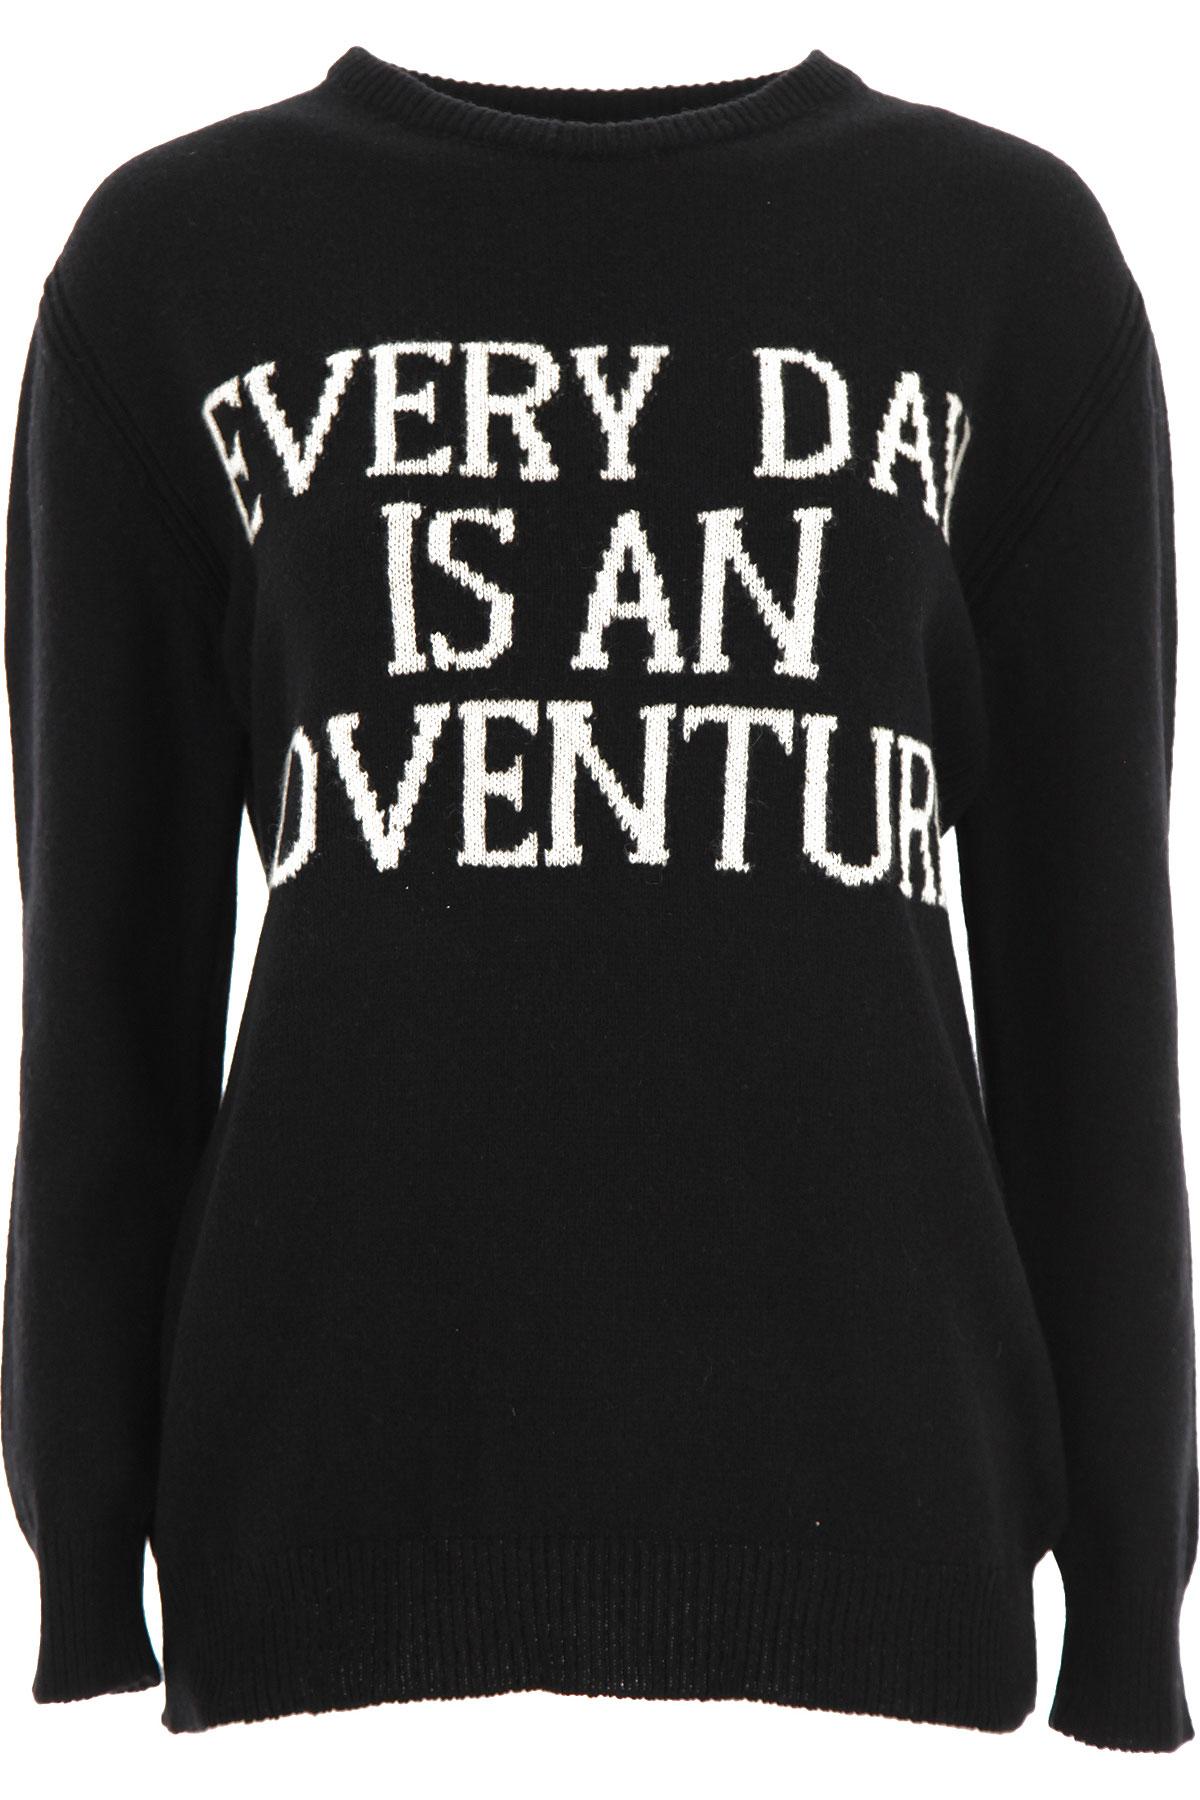 Alberta Ferretti Sweater for Women Jumper On Sale, Black, Cashmere, 2019, 4 6